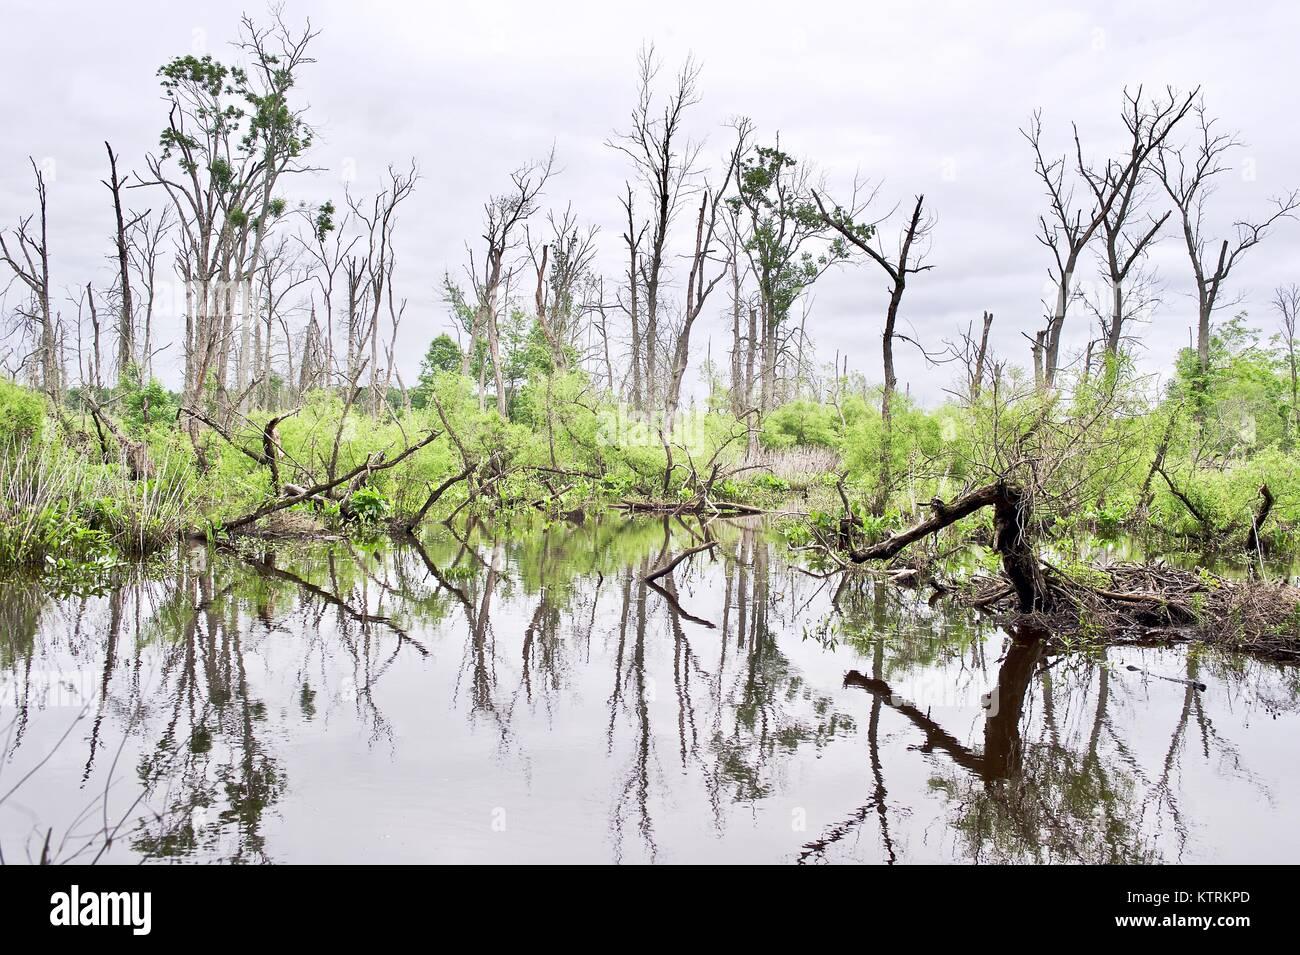 Swamp in Spring Stock Photo